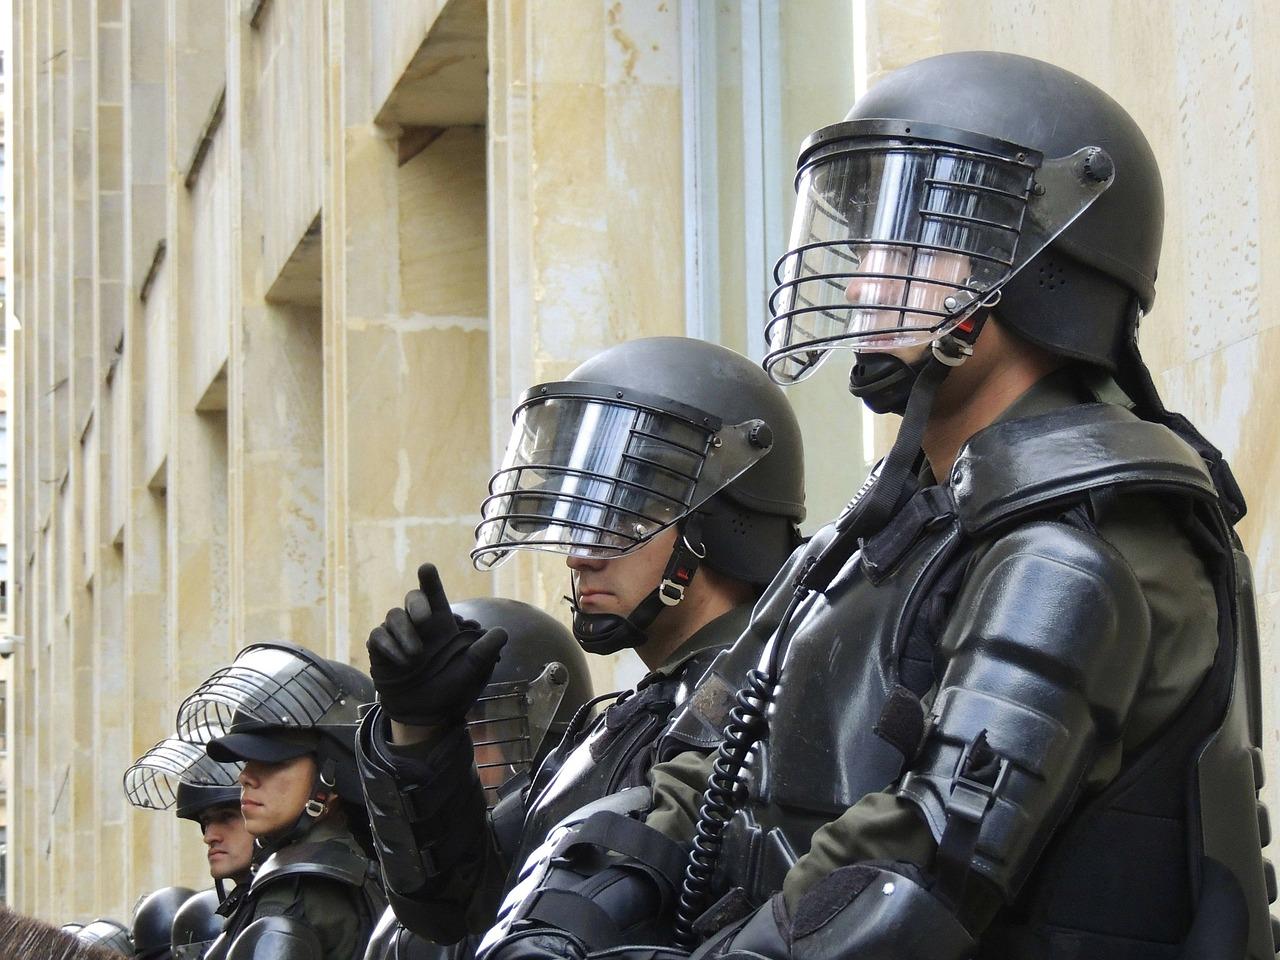 """Anrufer bei """"Call of Duty""""-Swatting muss für 20 Jahre ins Gefängnis – Es ging um 1,50$"""